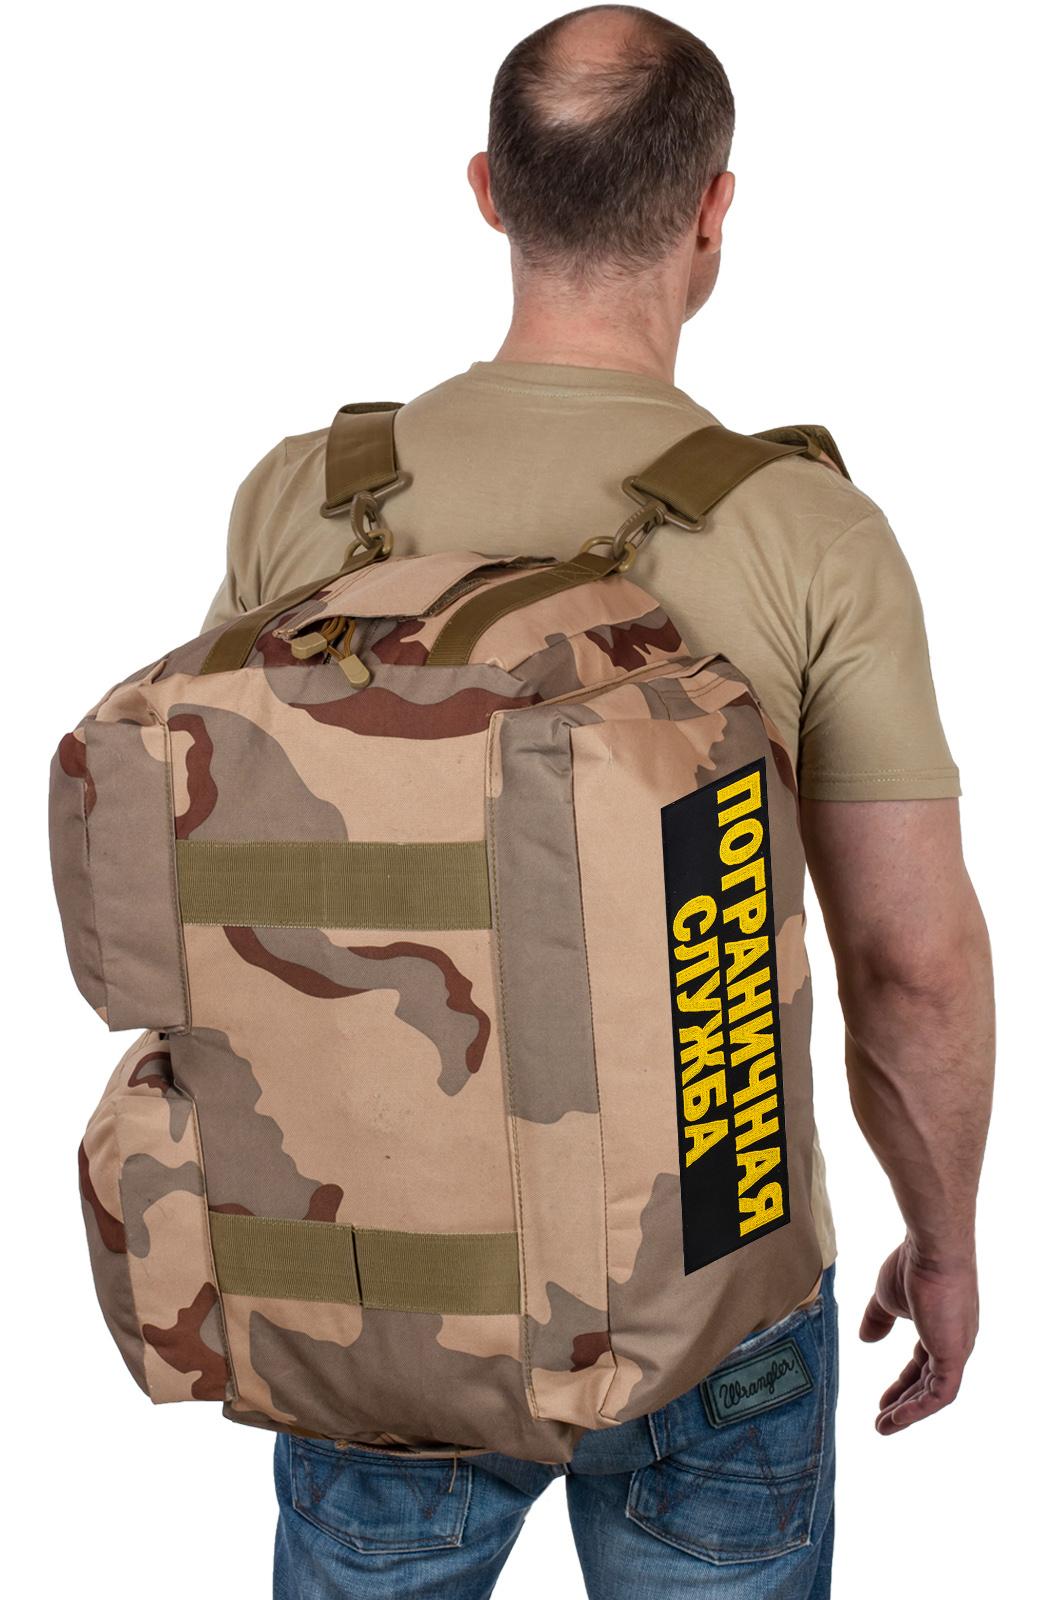 Купить дорожную камуфляжную сумку с нашивкой ПС по лучшей цене